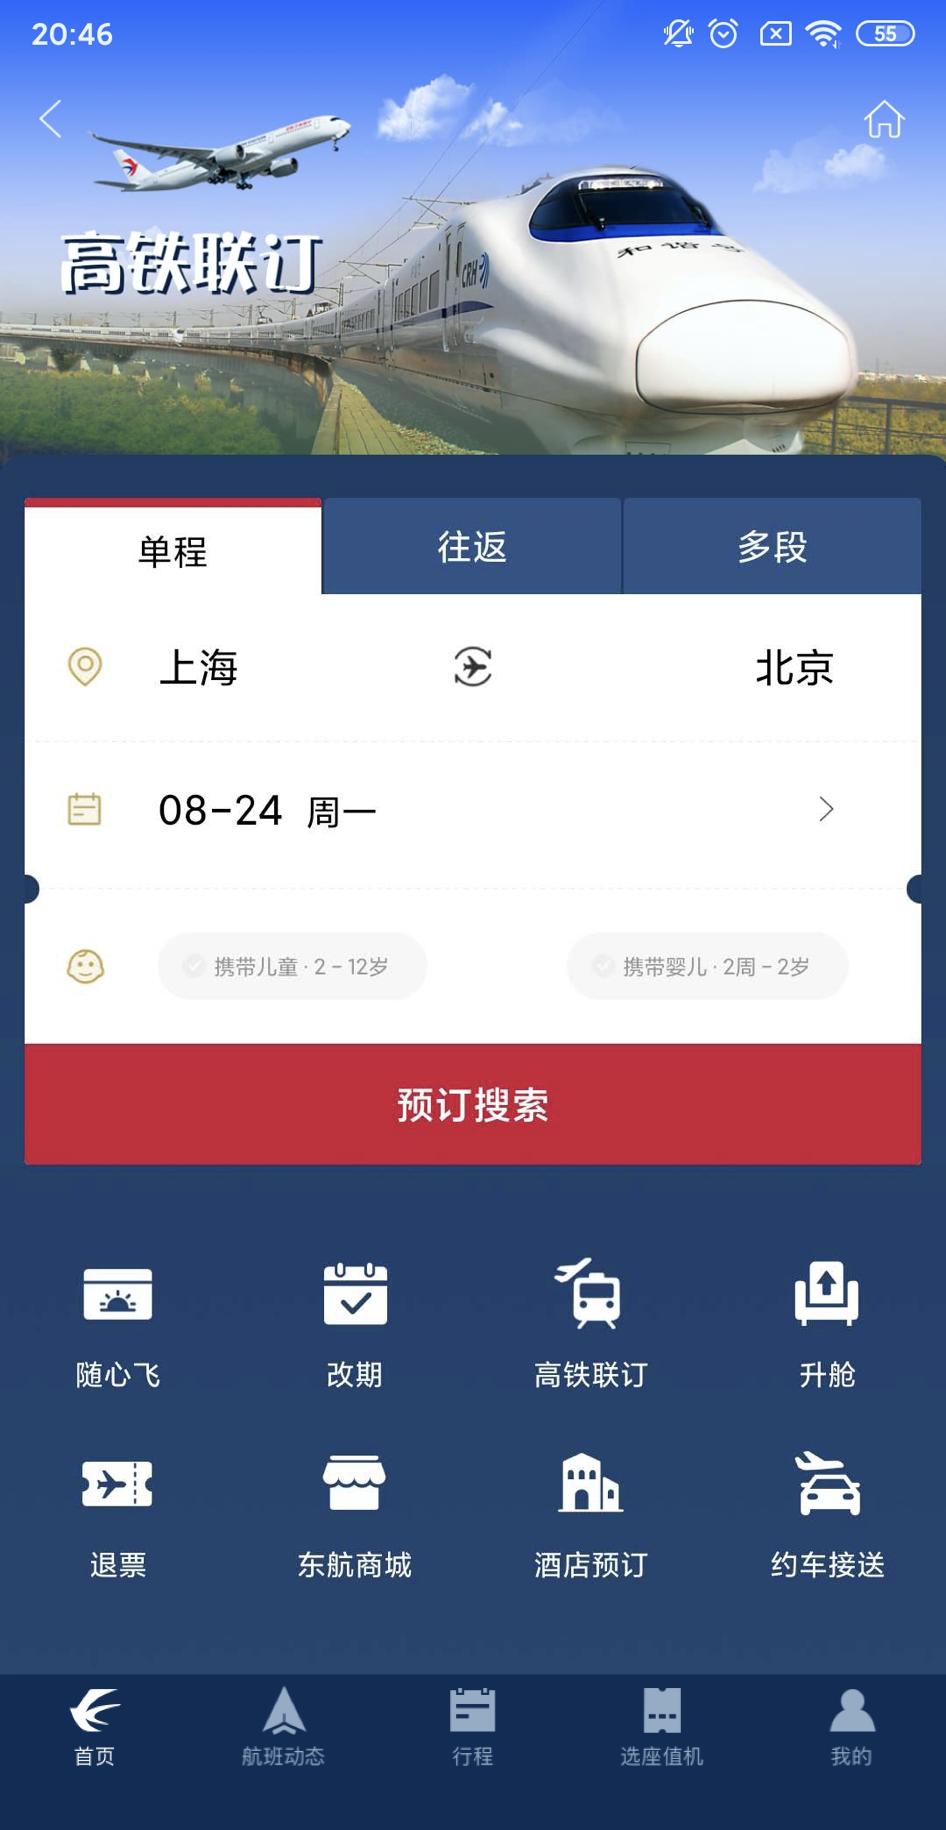 东航APP界面已上线空铁联运产品,12306将于当夜晚线